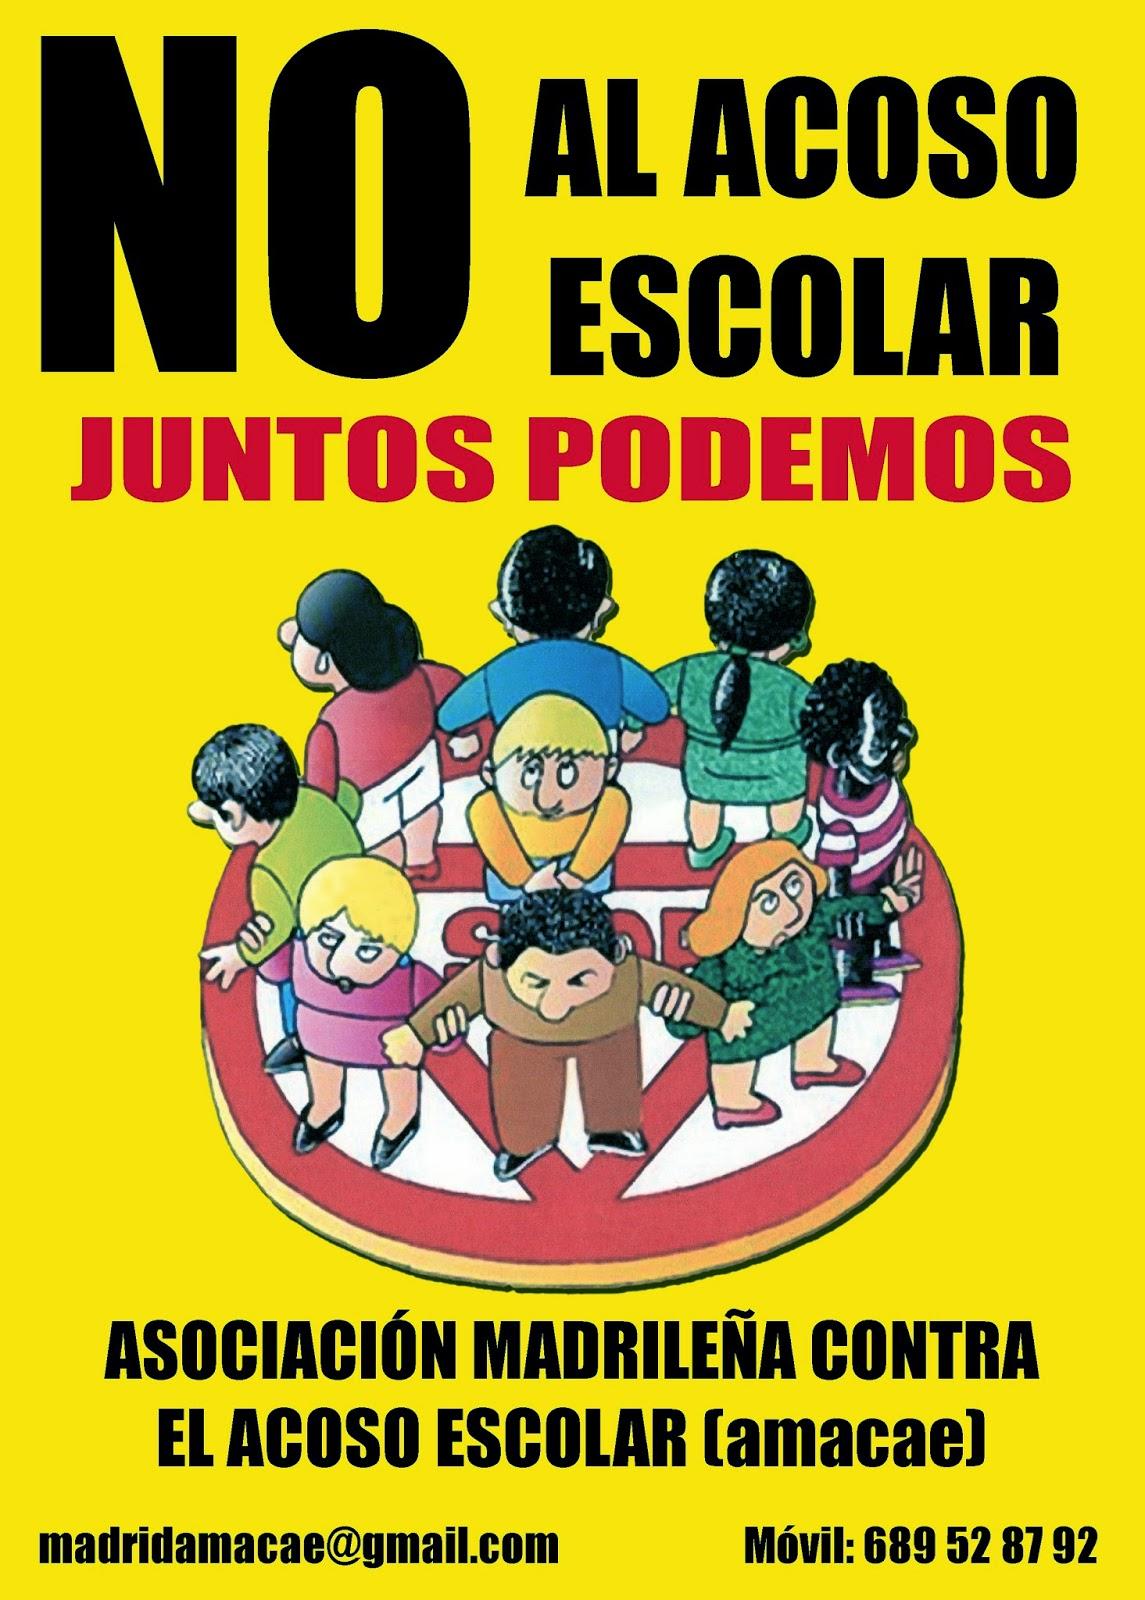 Asociación Madrileña contra el acoso escolar (AMACAE)